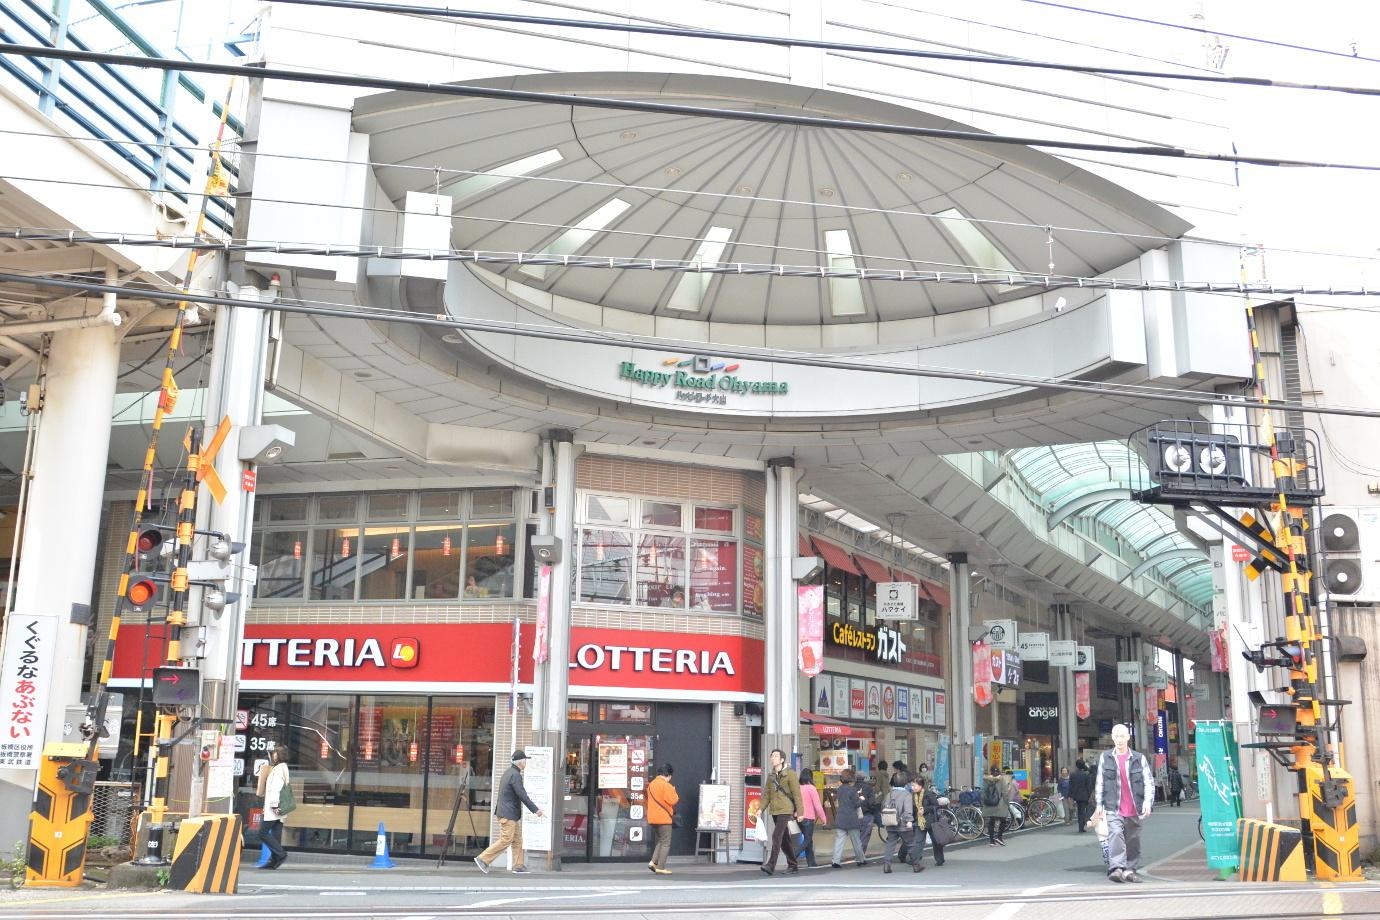 一人暮らしにもオススメ!都内で活気のある商店街を9つピックアップ